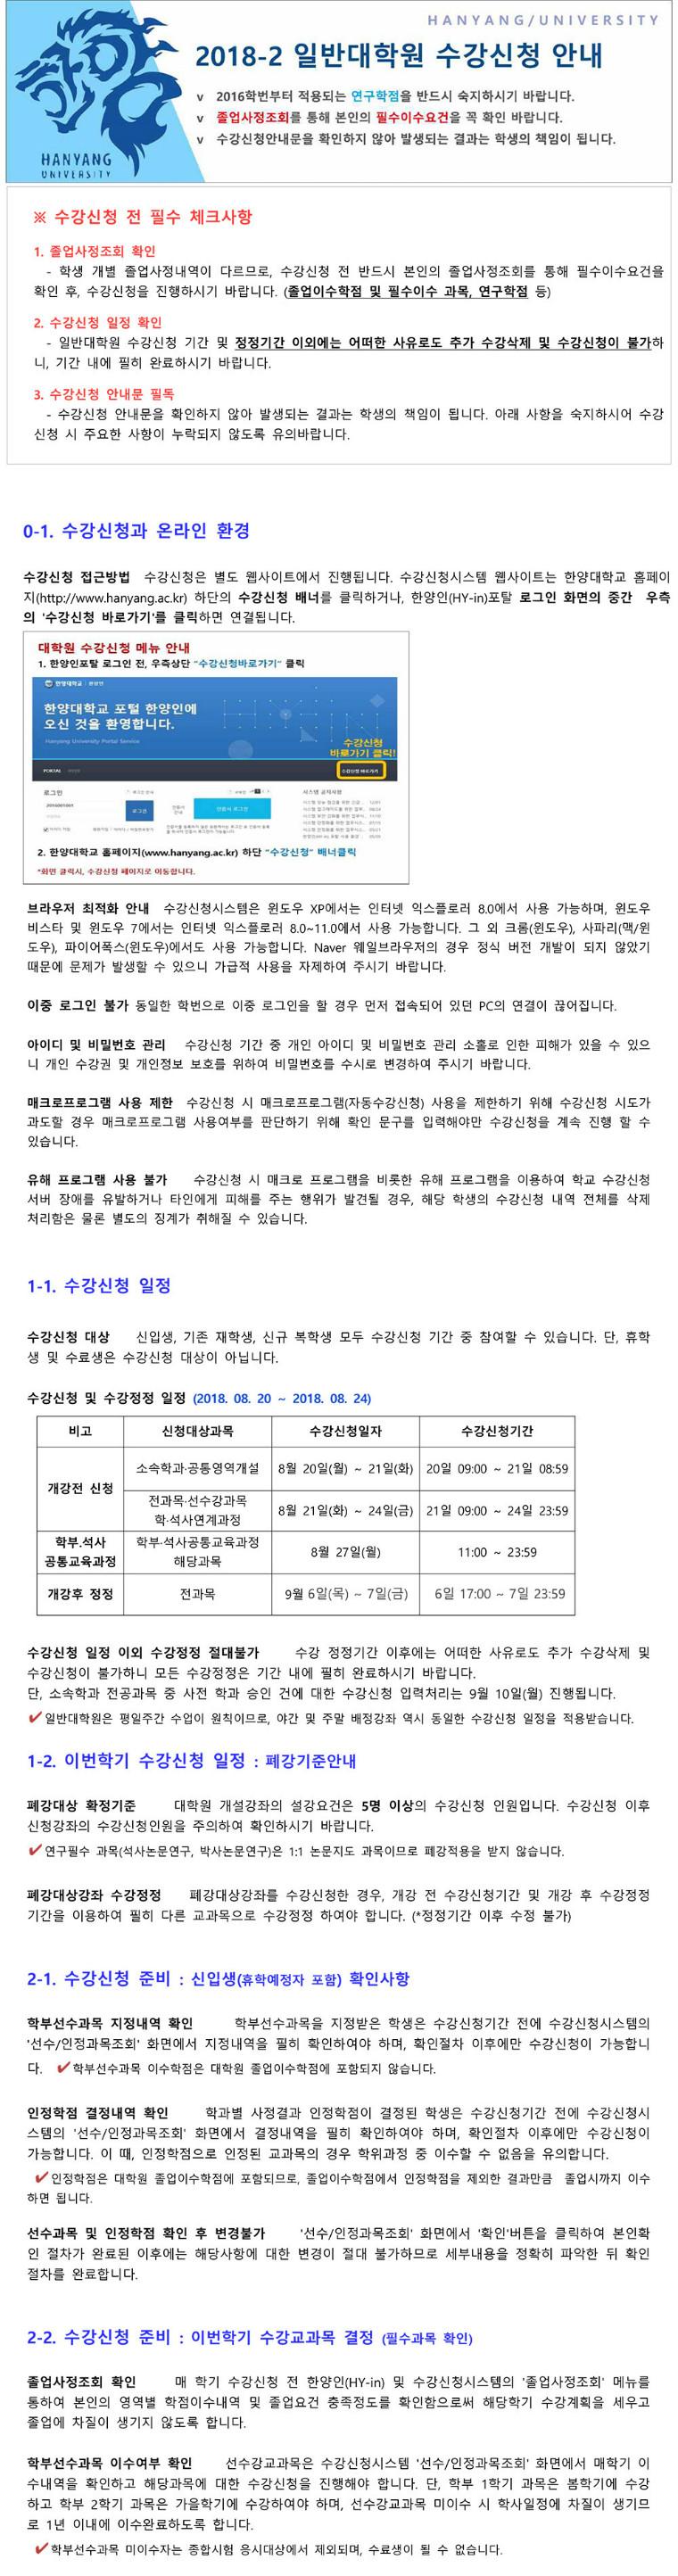 2018-2 수강신청안내문-1.jpg